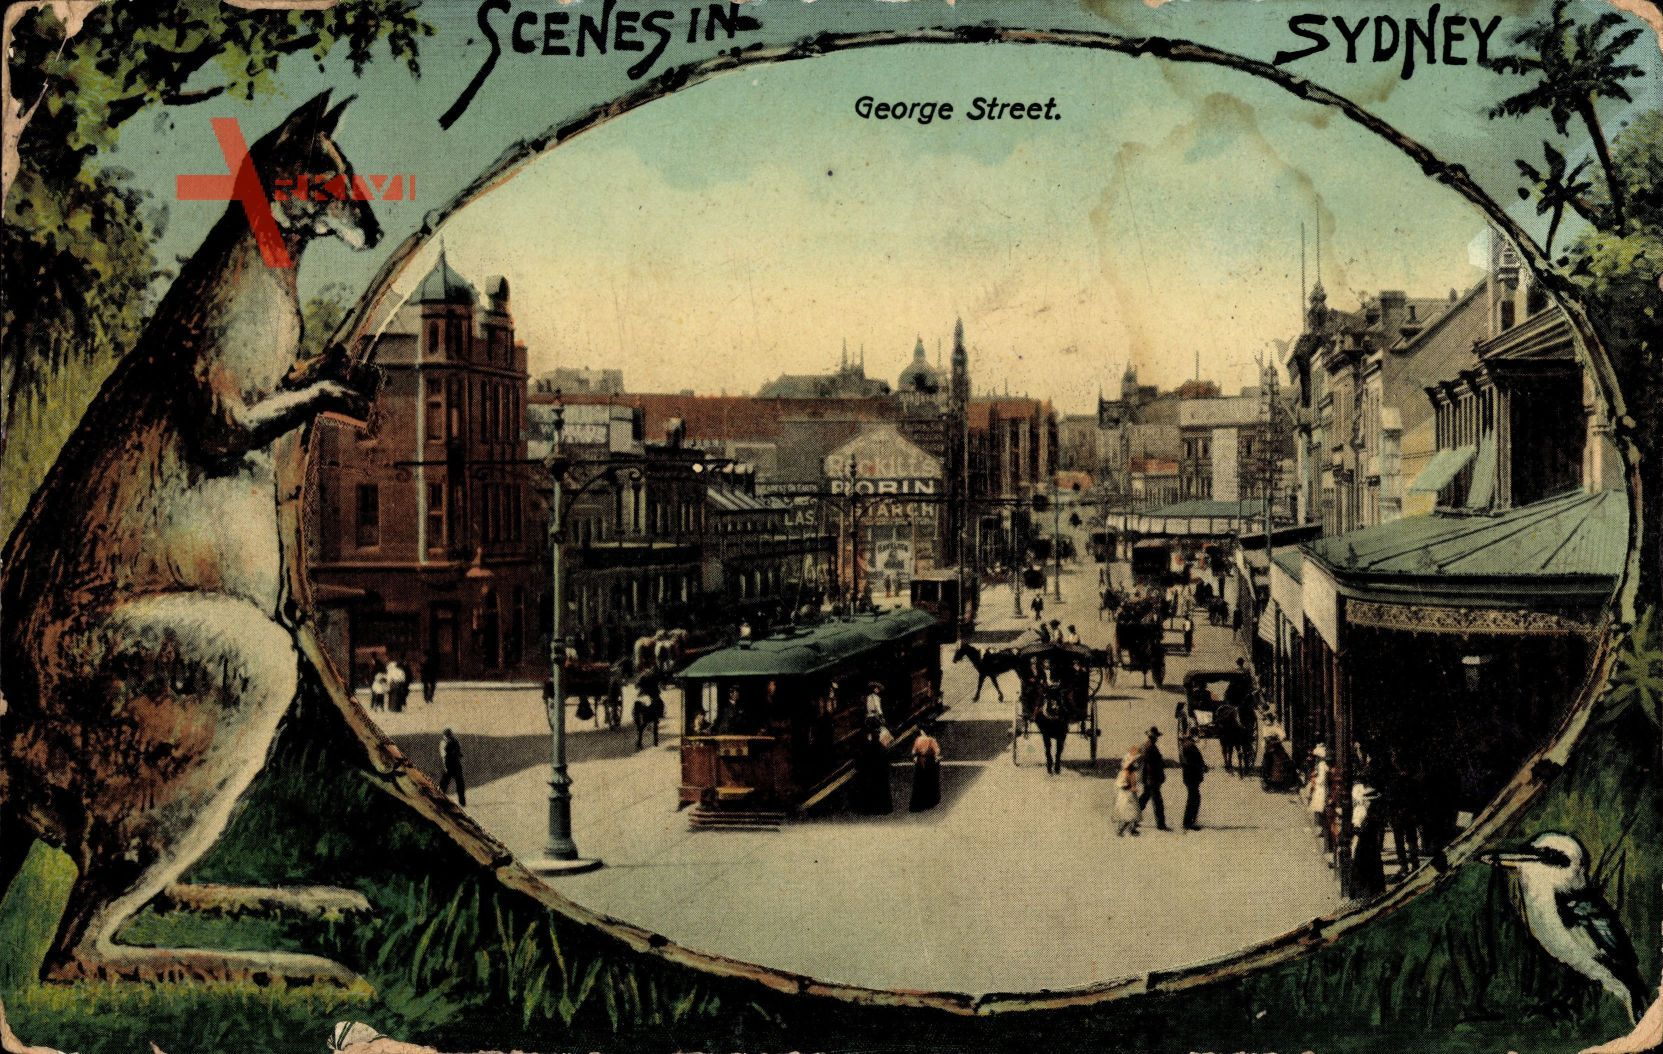 Passepartout Sydney Australien, Känguru, Straßenbahn, George Street